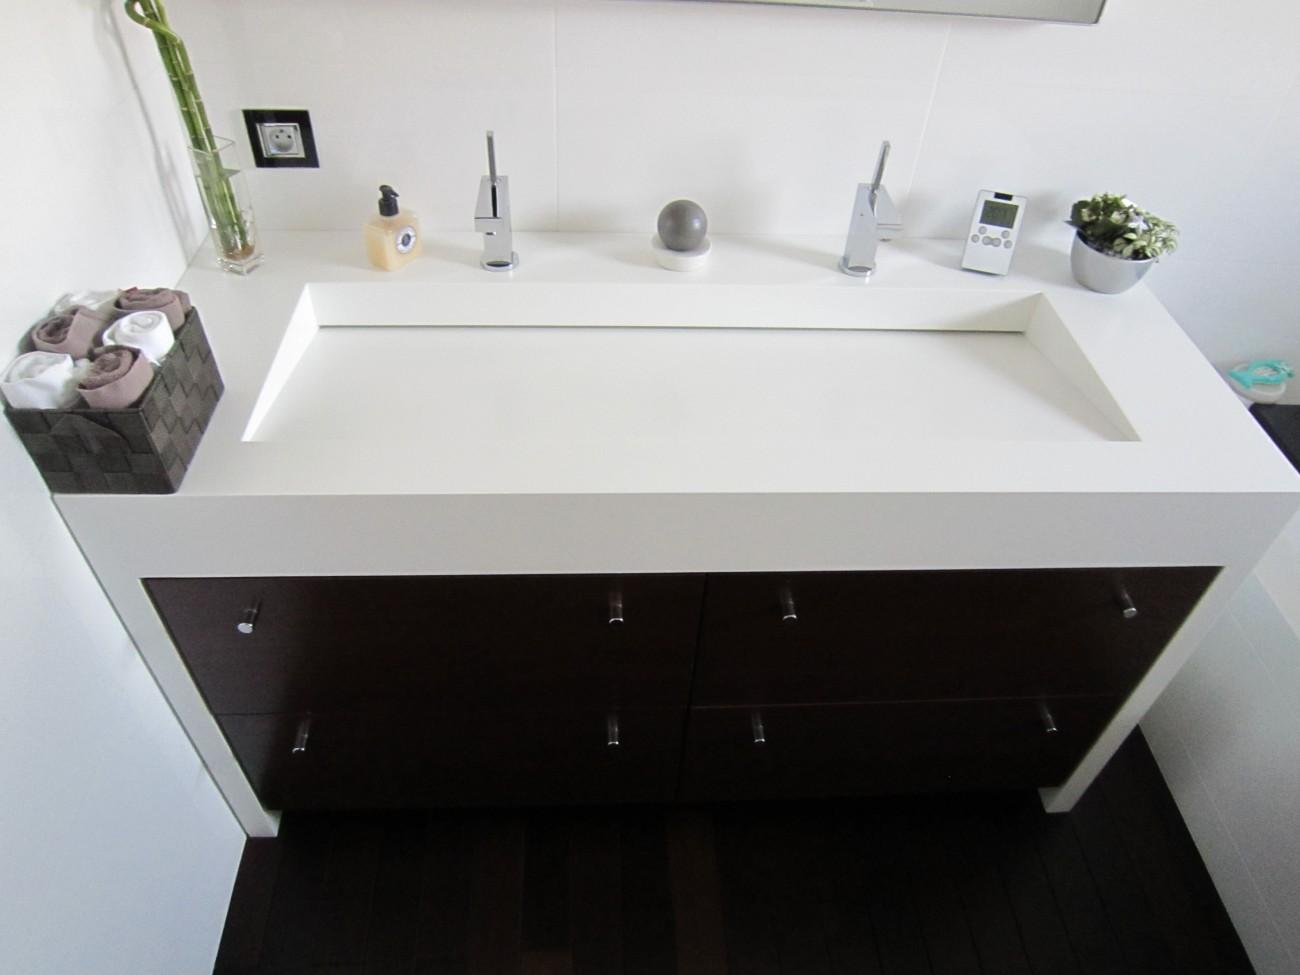 Plan-vasque-double-avec-évacuation-dissimulée.jpg | Luxworktop